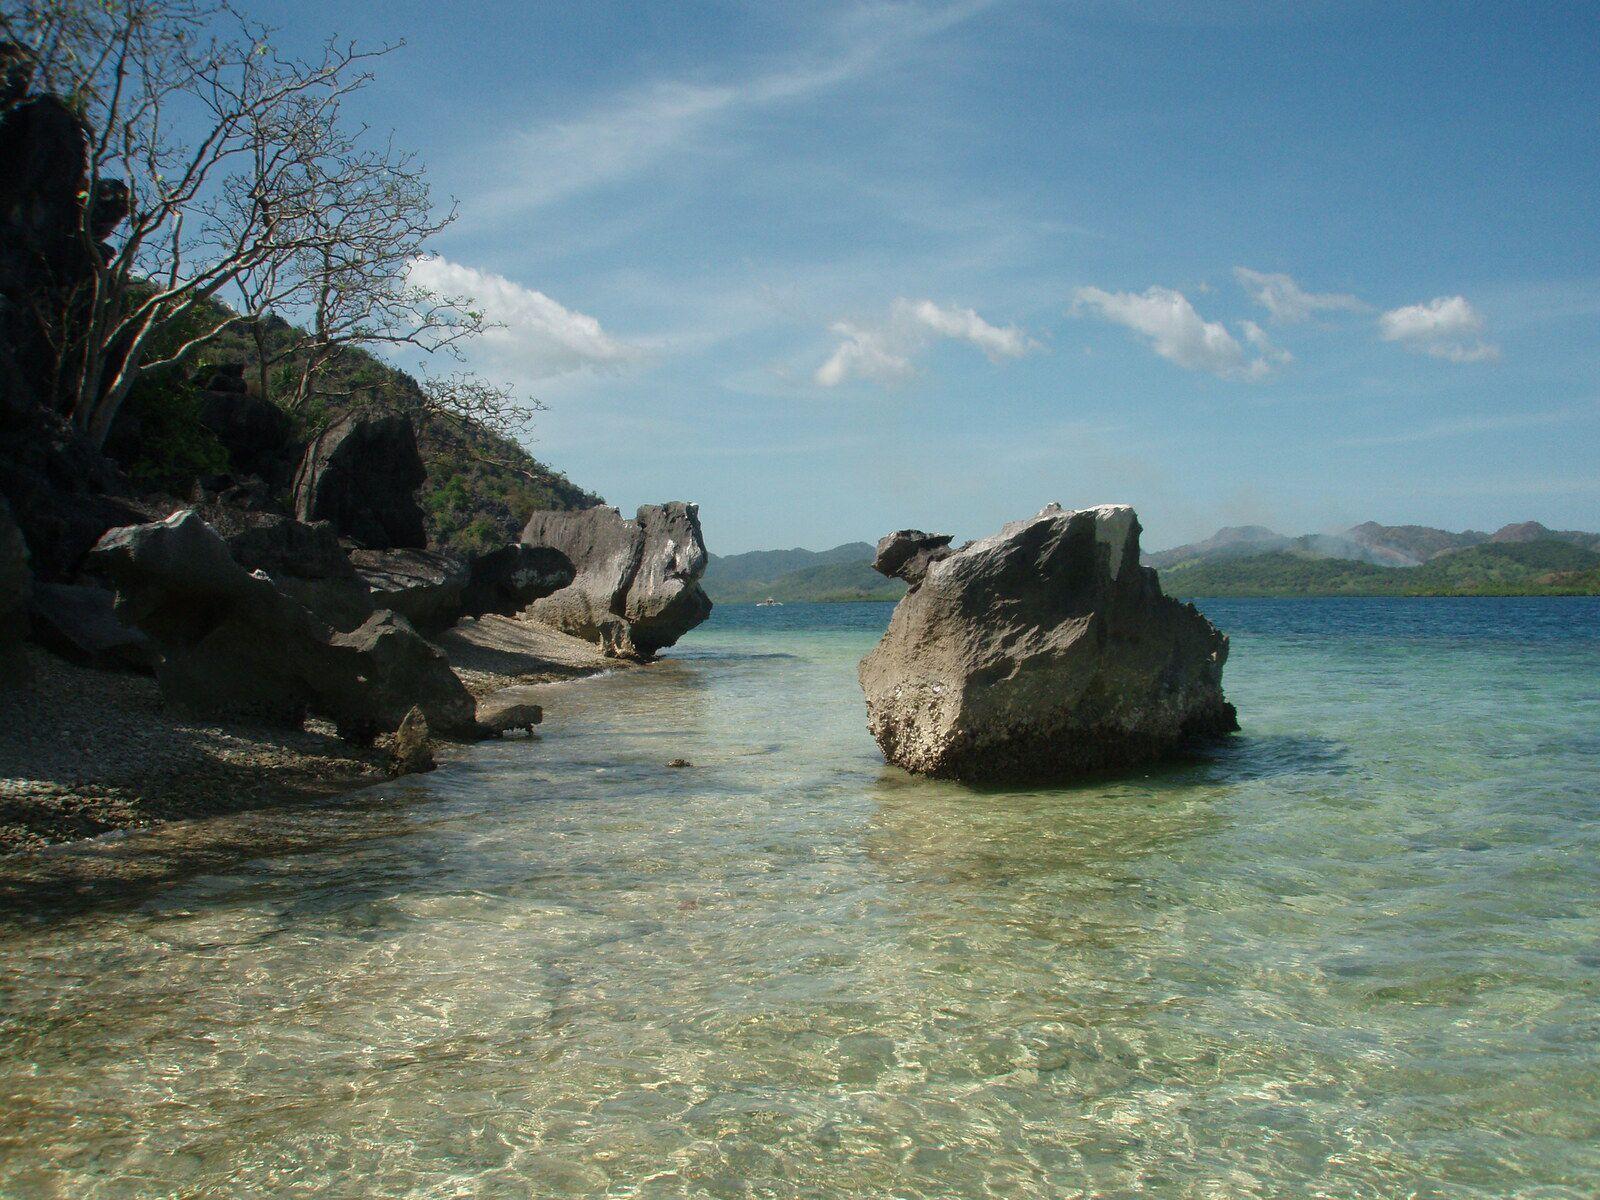 Plage paradisiaque, Philippines